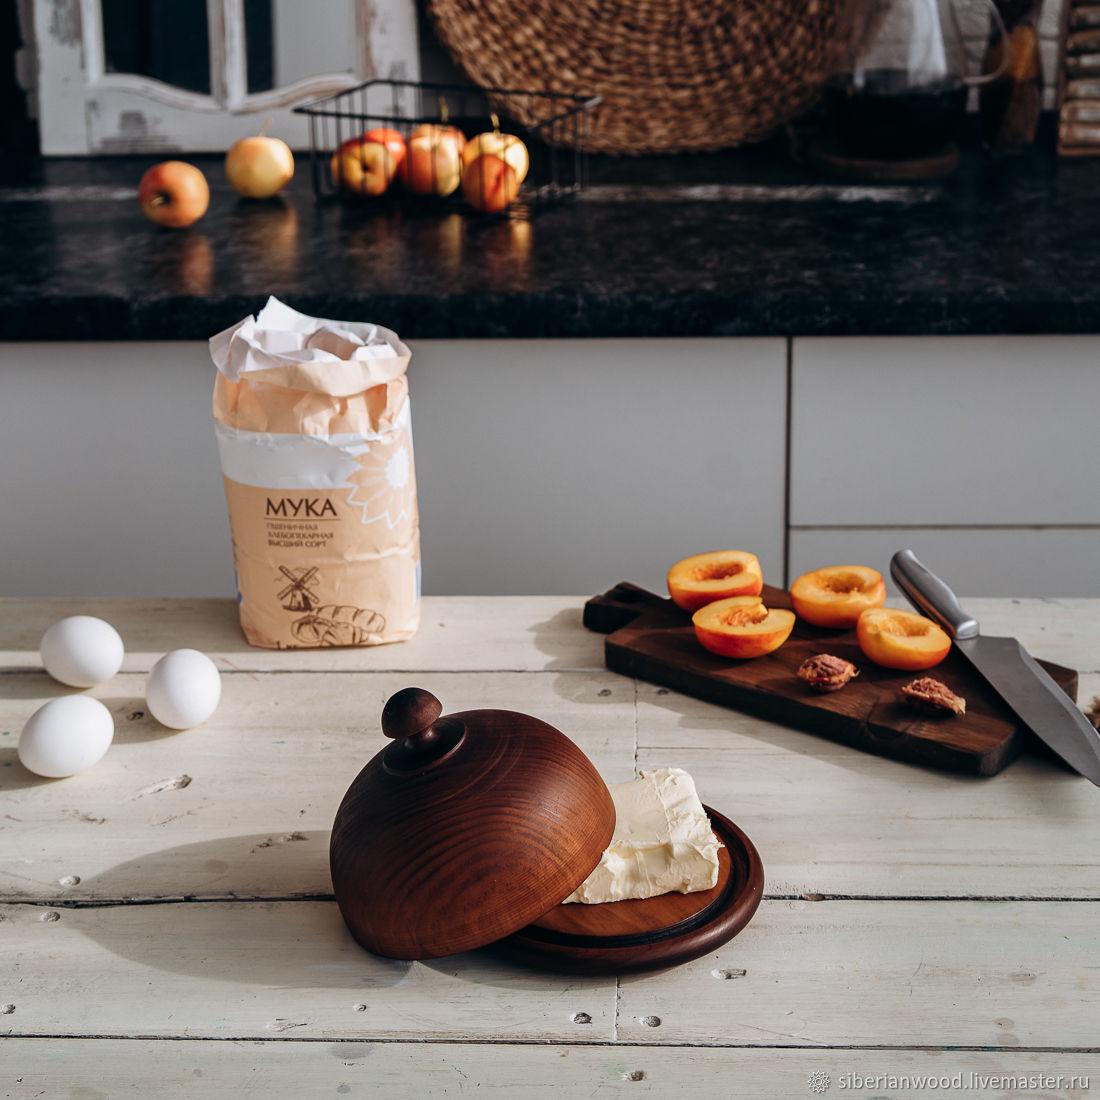 Масленка из дерева Сибирский Кедр для сливочного масла MS7, Наборы посуды, Новокузнецк,  Фото №1